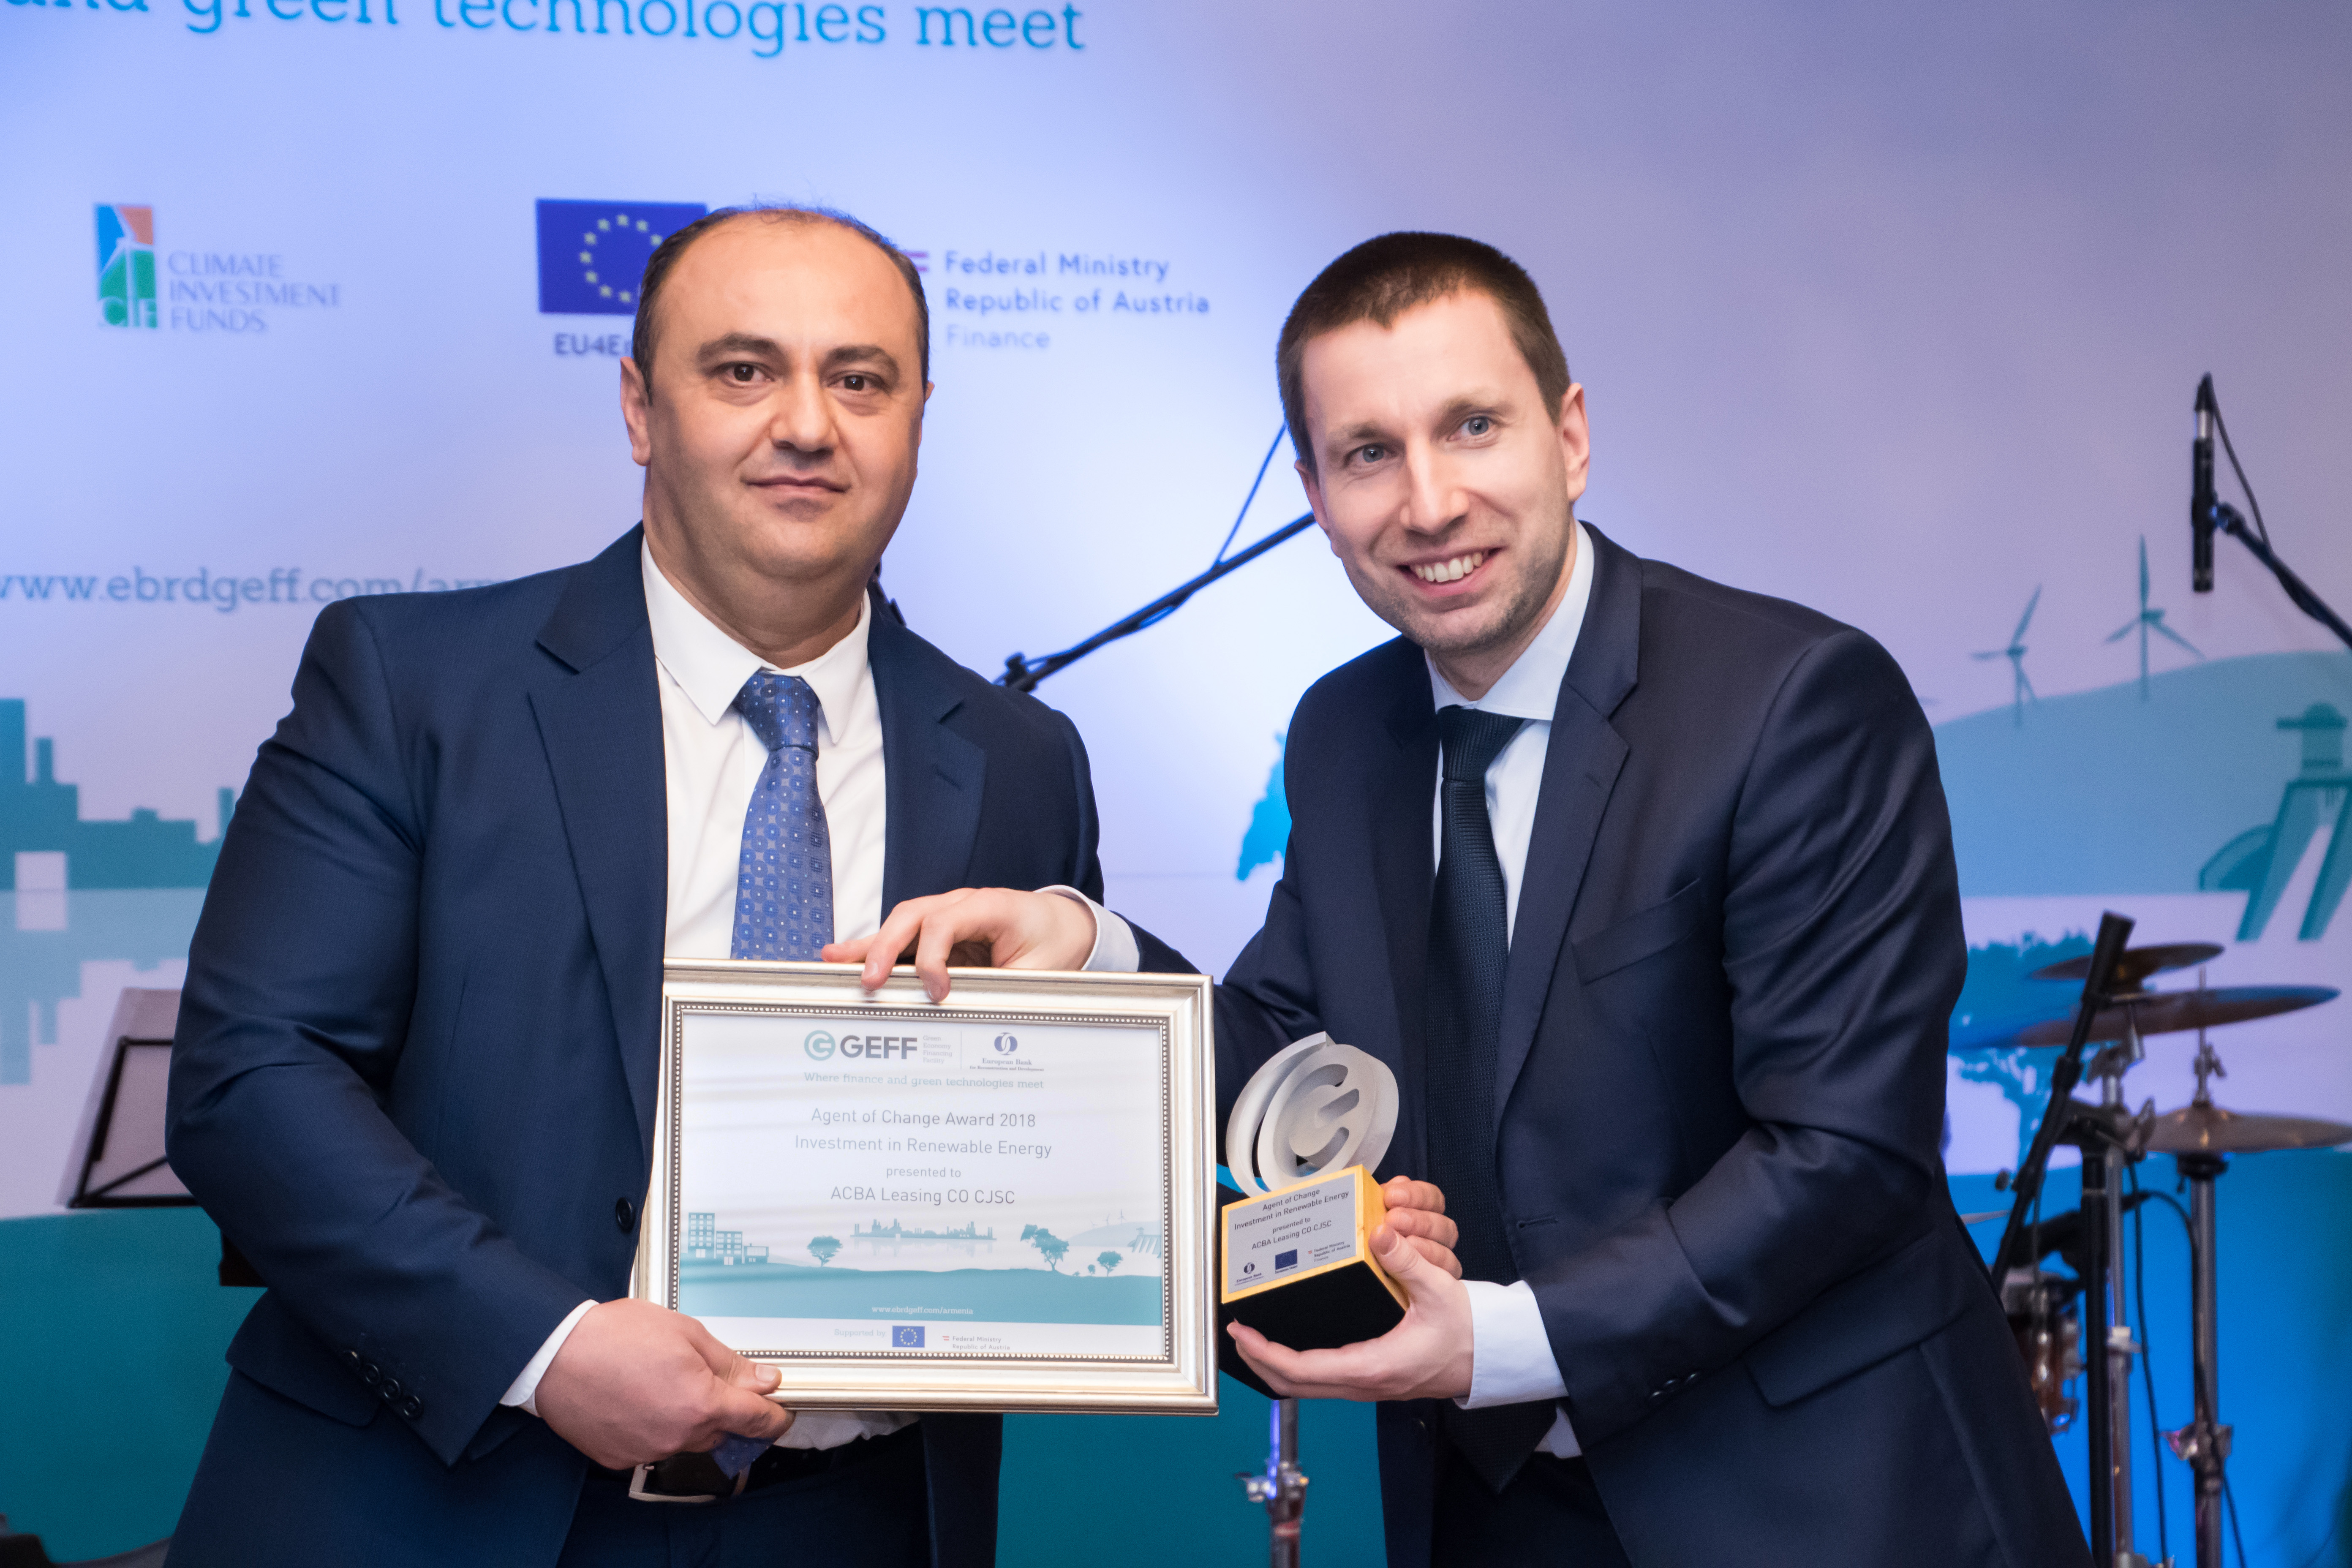 ԱԳԲԱ Լիզինգը վերականգնվող էներգետիկայի ոլորտում իրականացրած ներդրումների համար ՎԶԵԲ-ից մրցանակ է ստացել